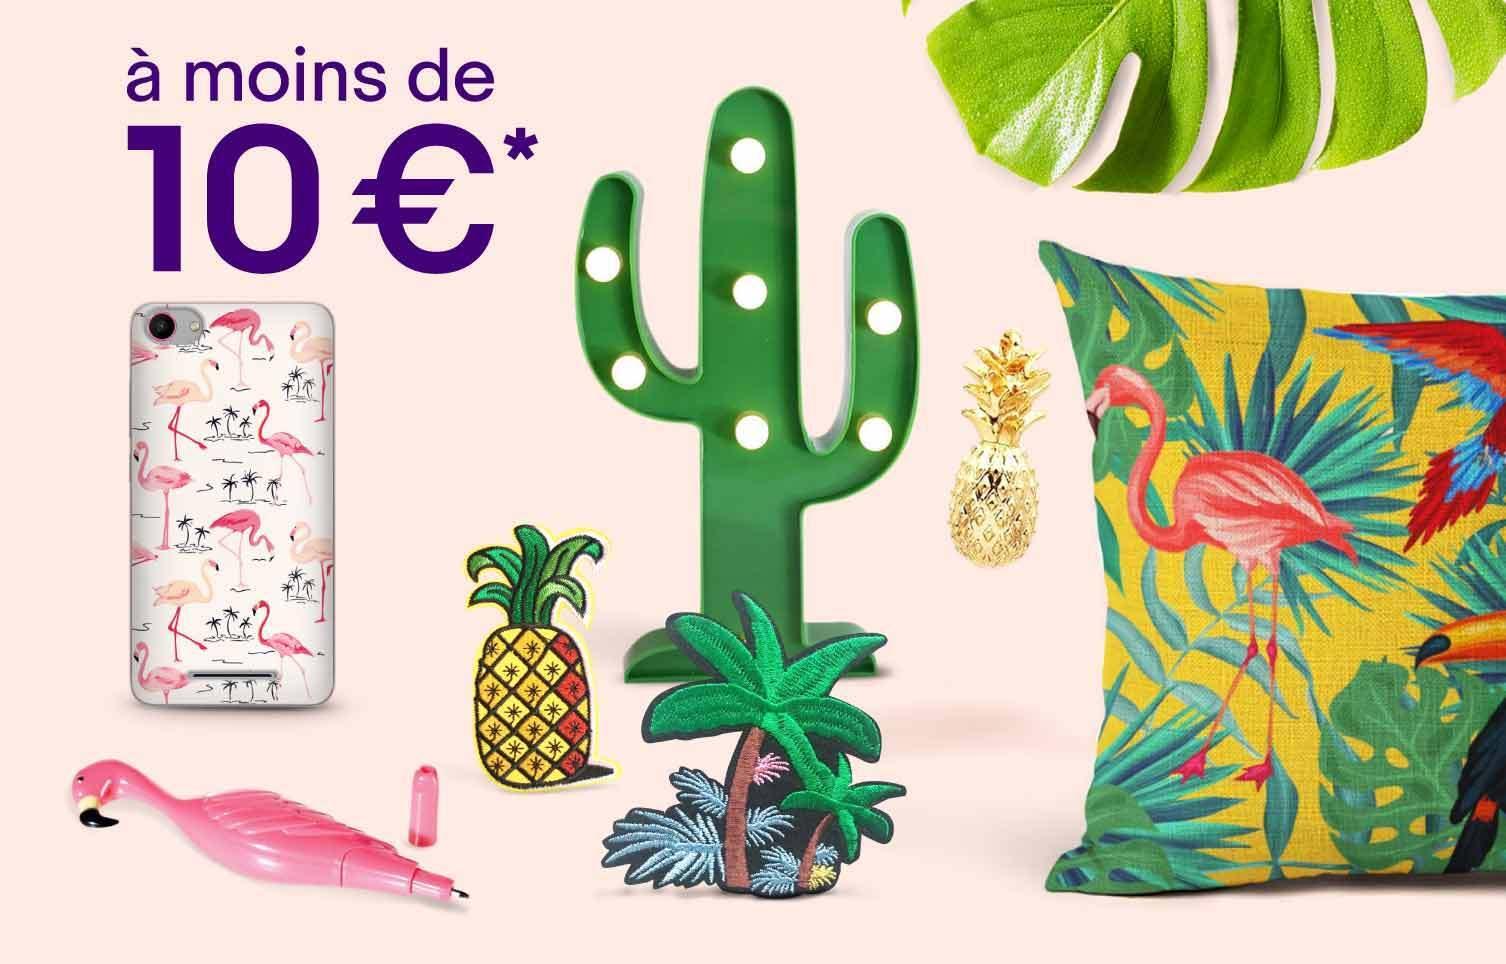 Eté tropical à moins de 10€